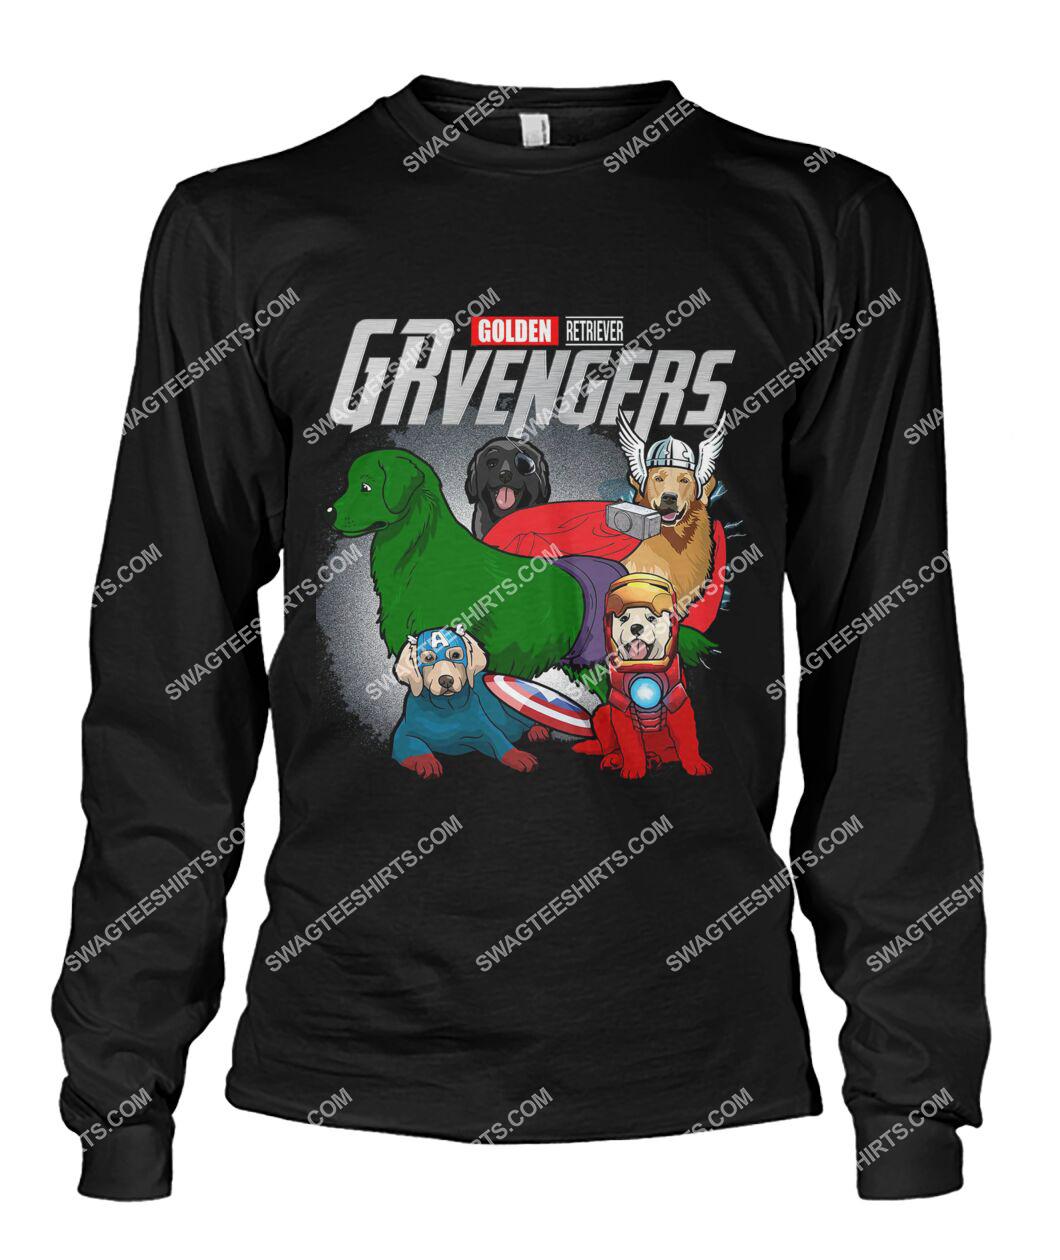 golden retriever grvengers marvel avengers dogs lover sweatshirt 1